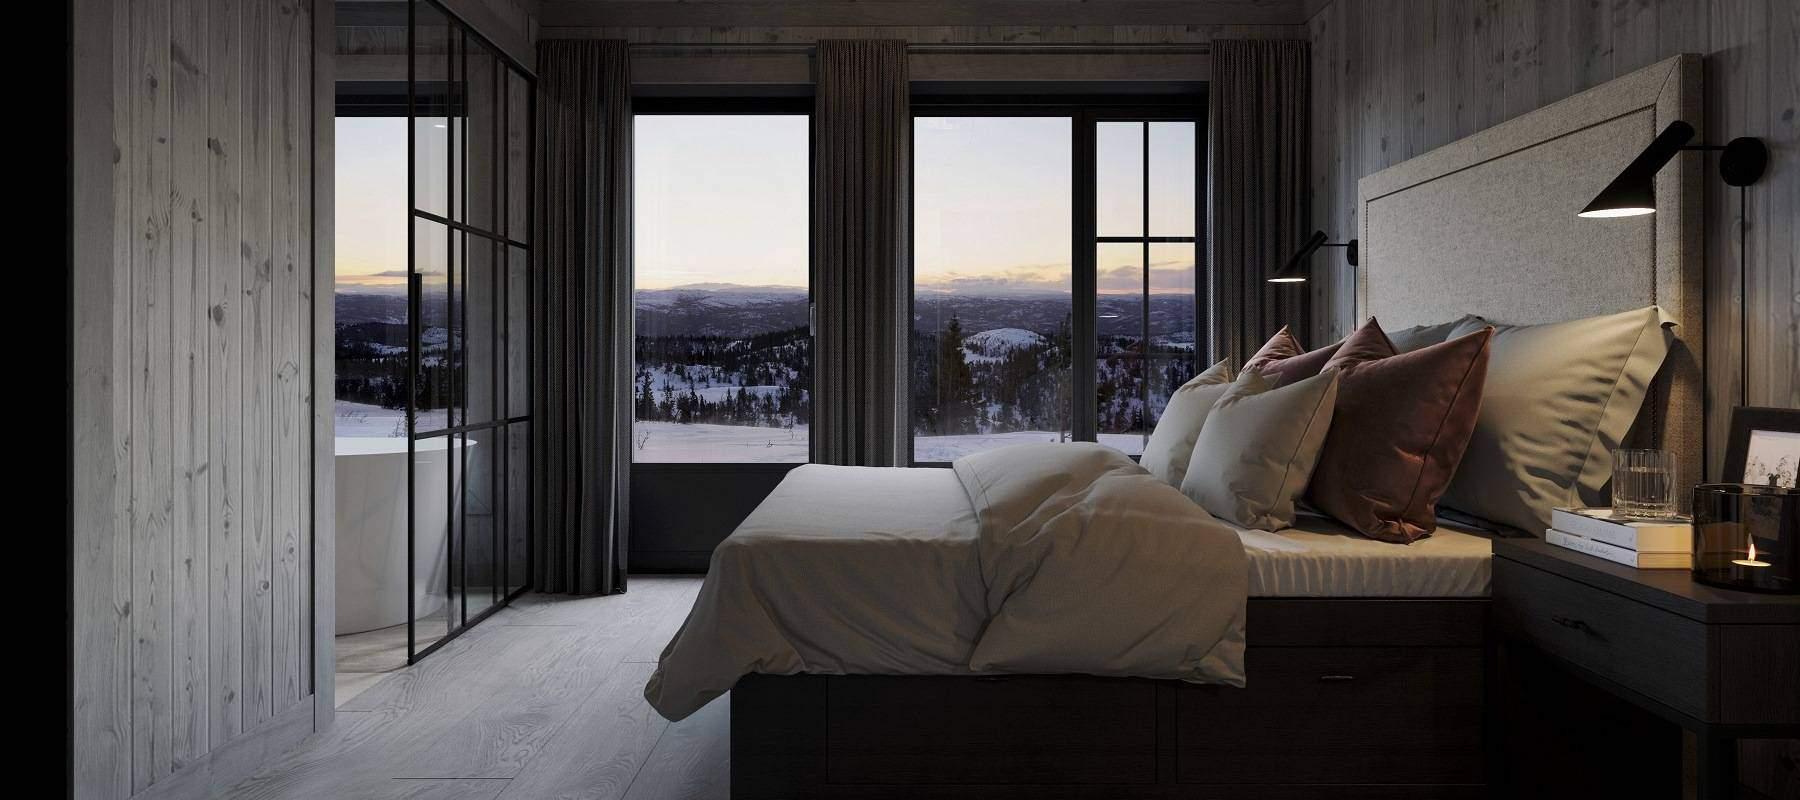 40 Hytte Geilo 155. Master soverommet har dør ut til terrassene med utendørs bad og bålplassen